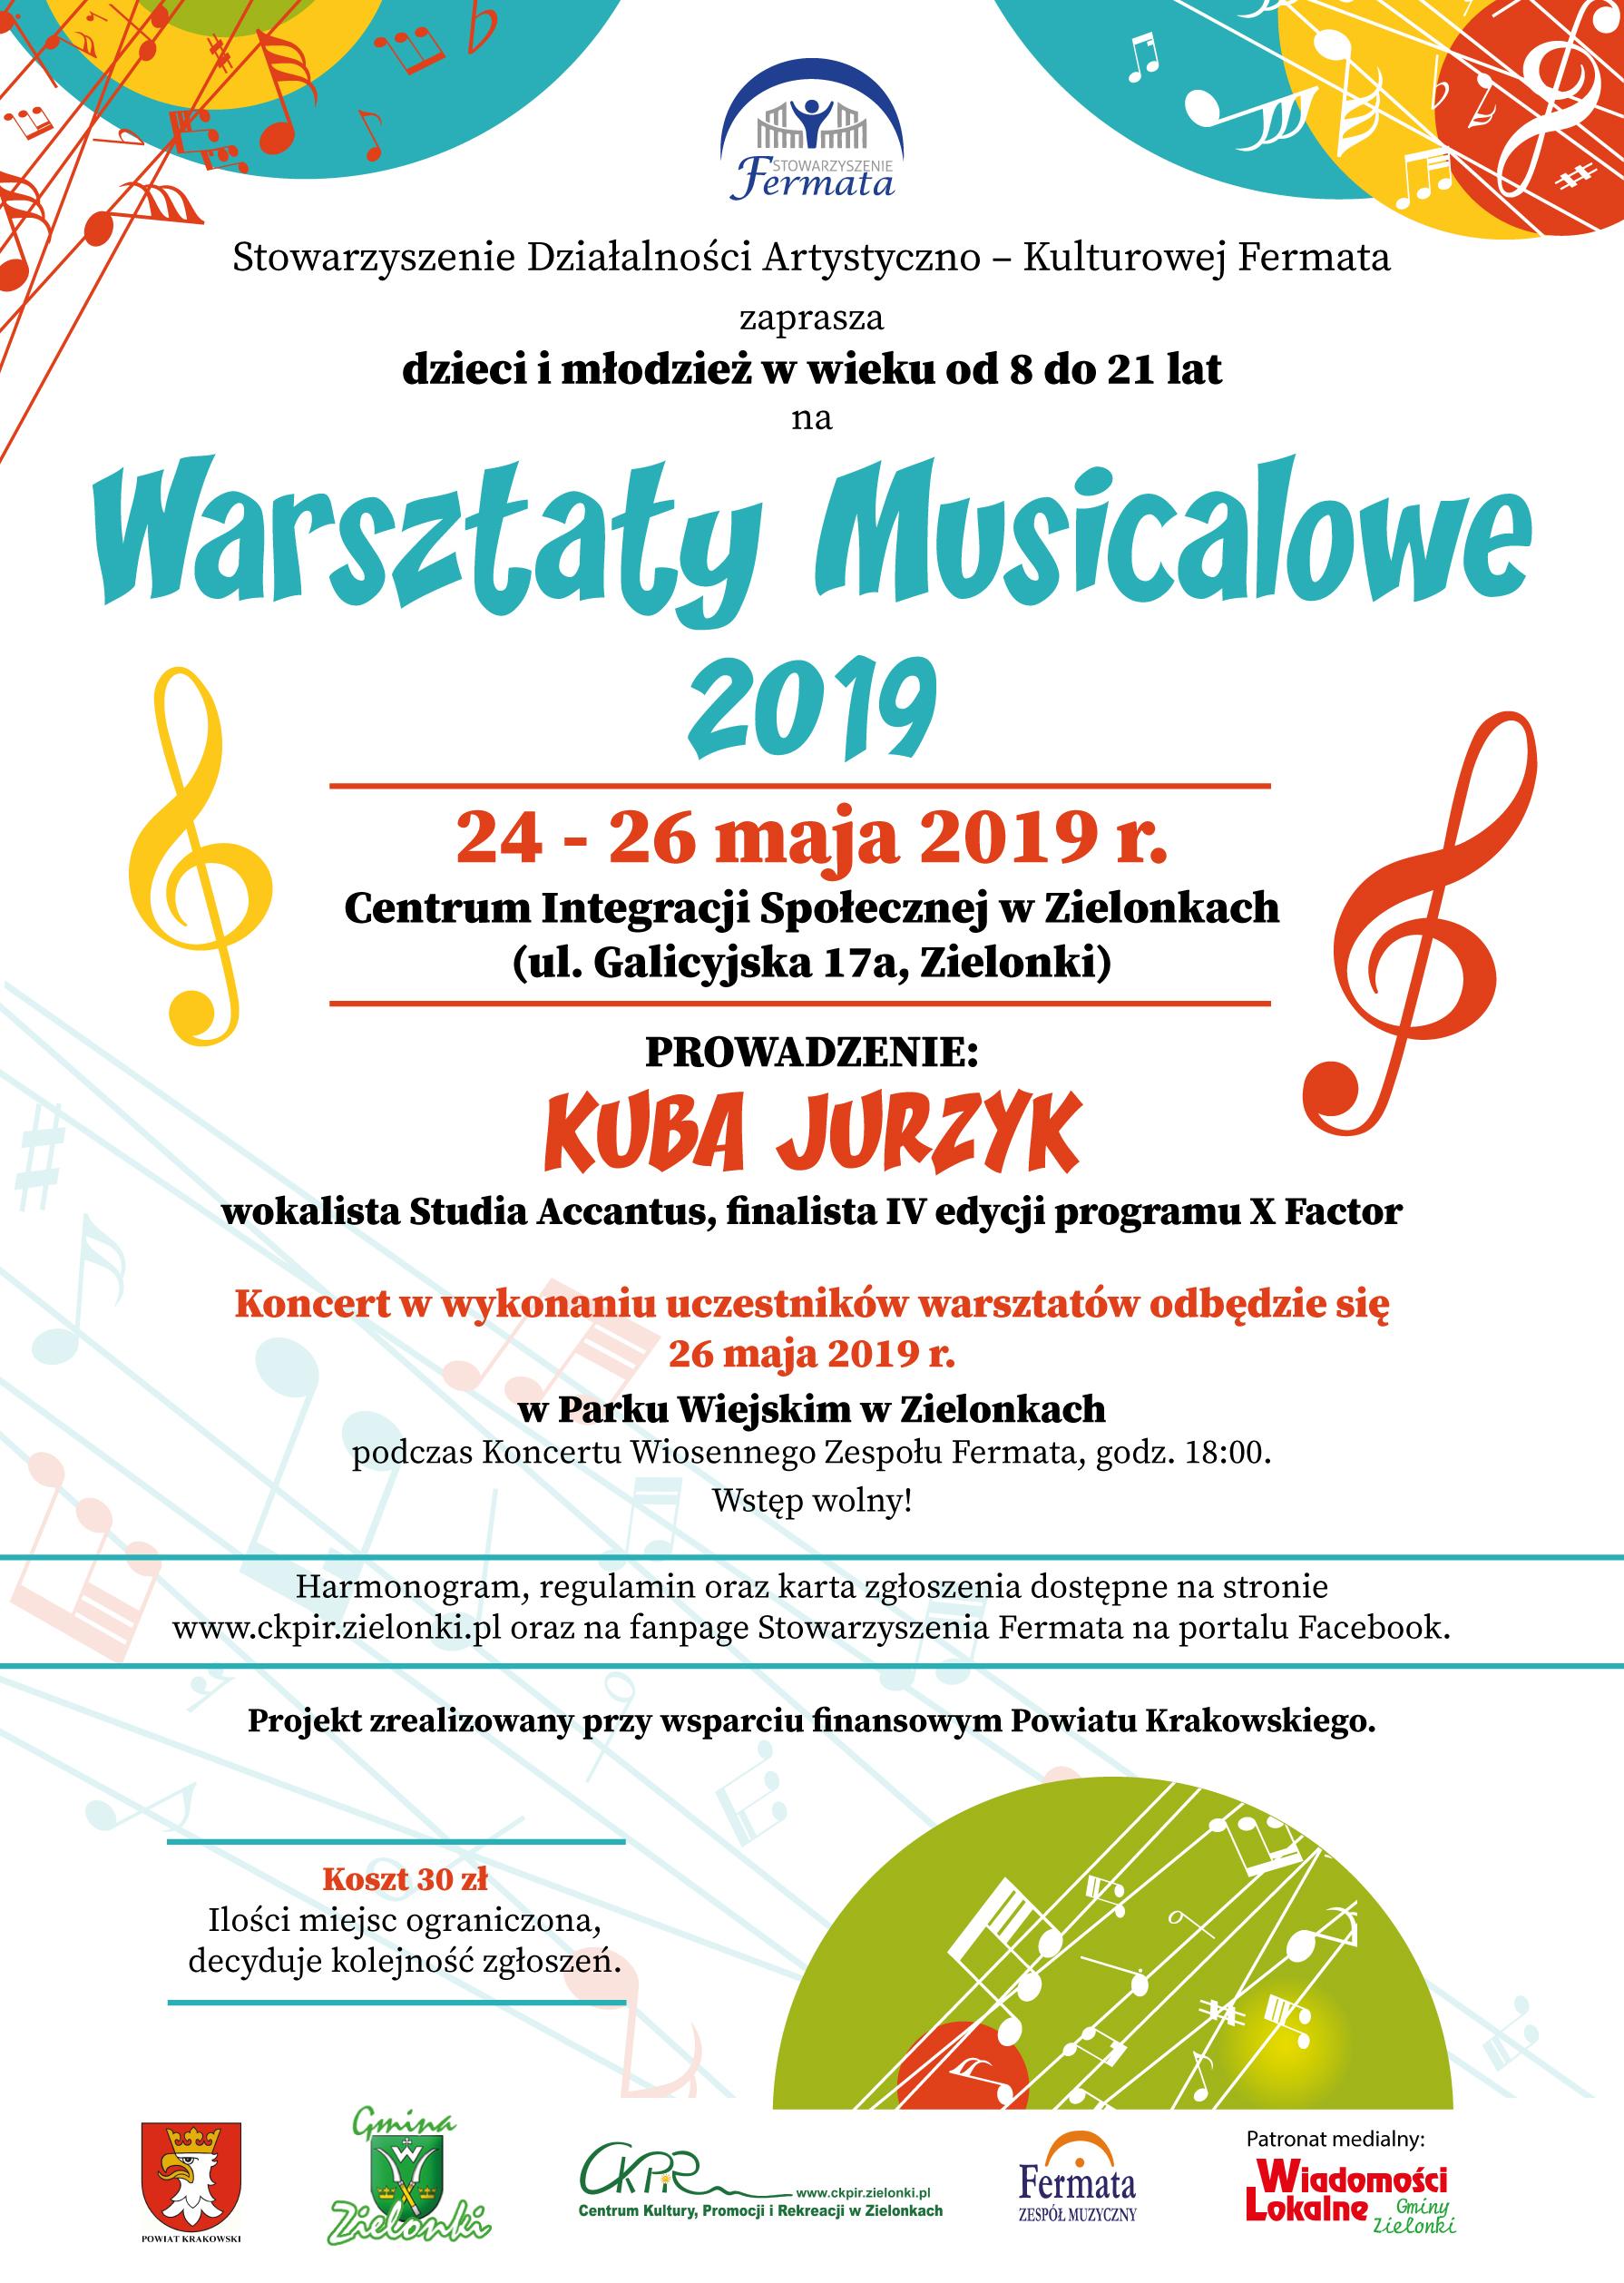 Warsztaty Musicalowe 2019 @ Centrum Integracji Społecznej w Zielonkach | Zielonki | małopolskie | Polska